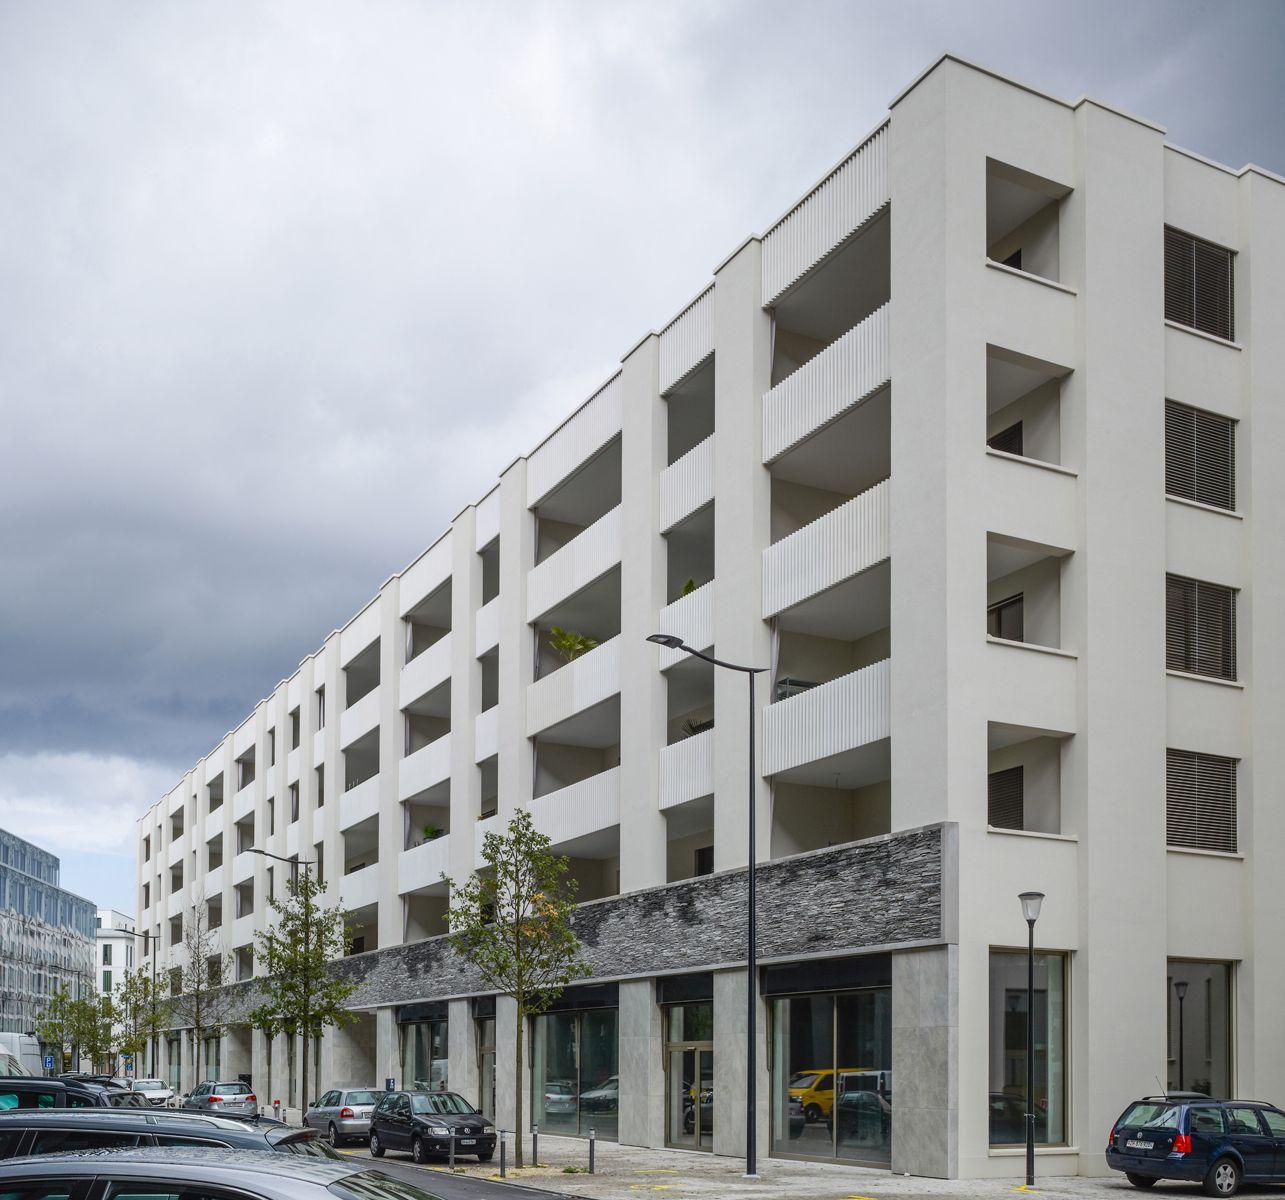 Diener 0929-3-RAW Residential-Buildings-Richti Wallisellen 4351-10